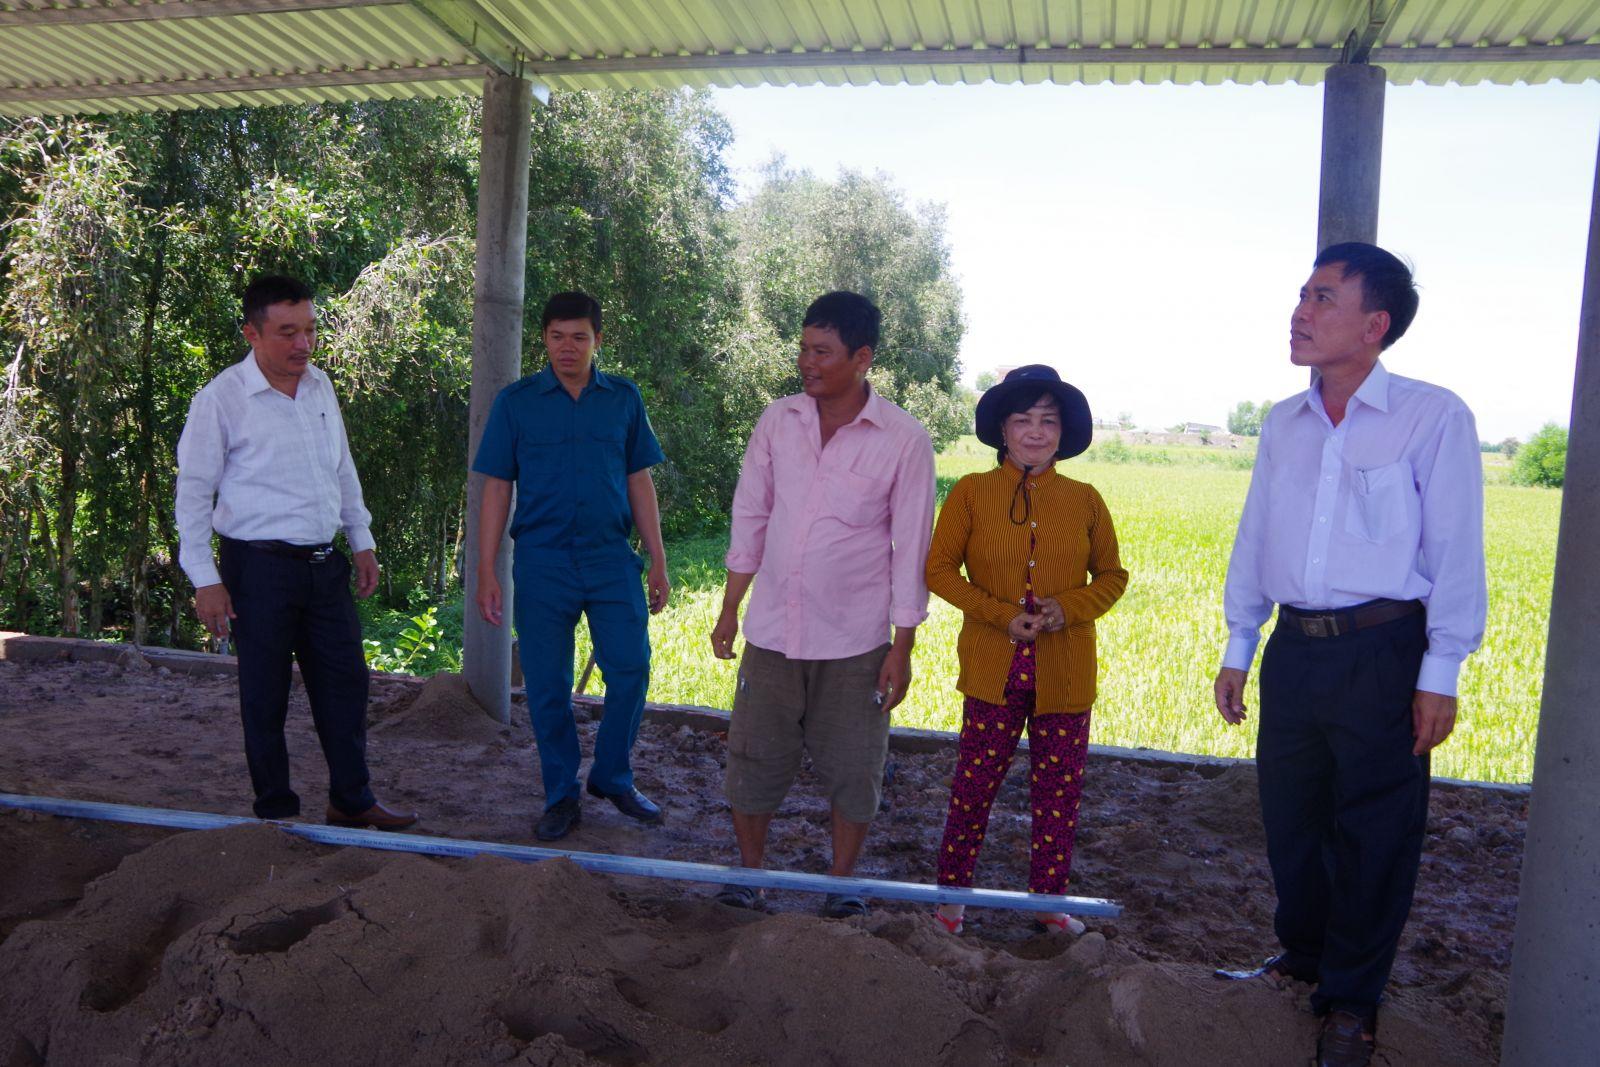 Chính quyền địa phương thăm hỏi cuộc sống hộ dân trên Điểm dân cư liền kề chốt dân quân Bình Thạnh